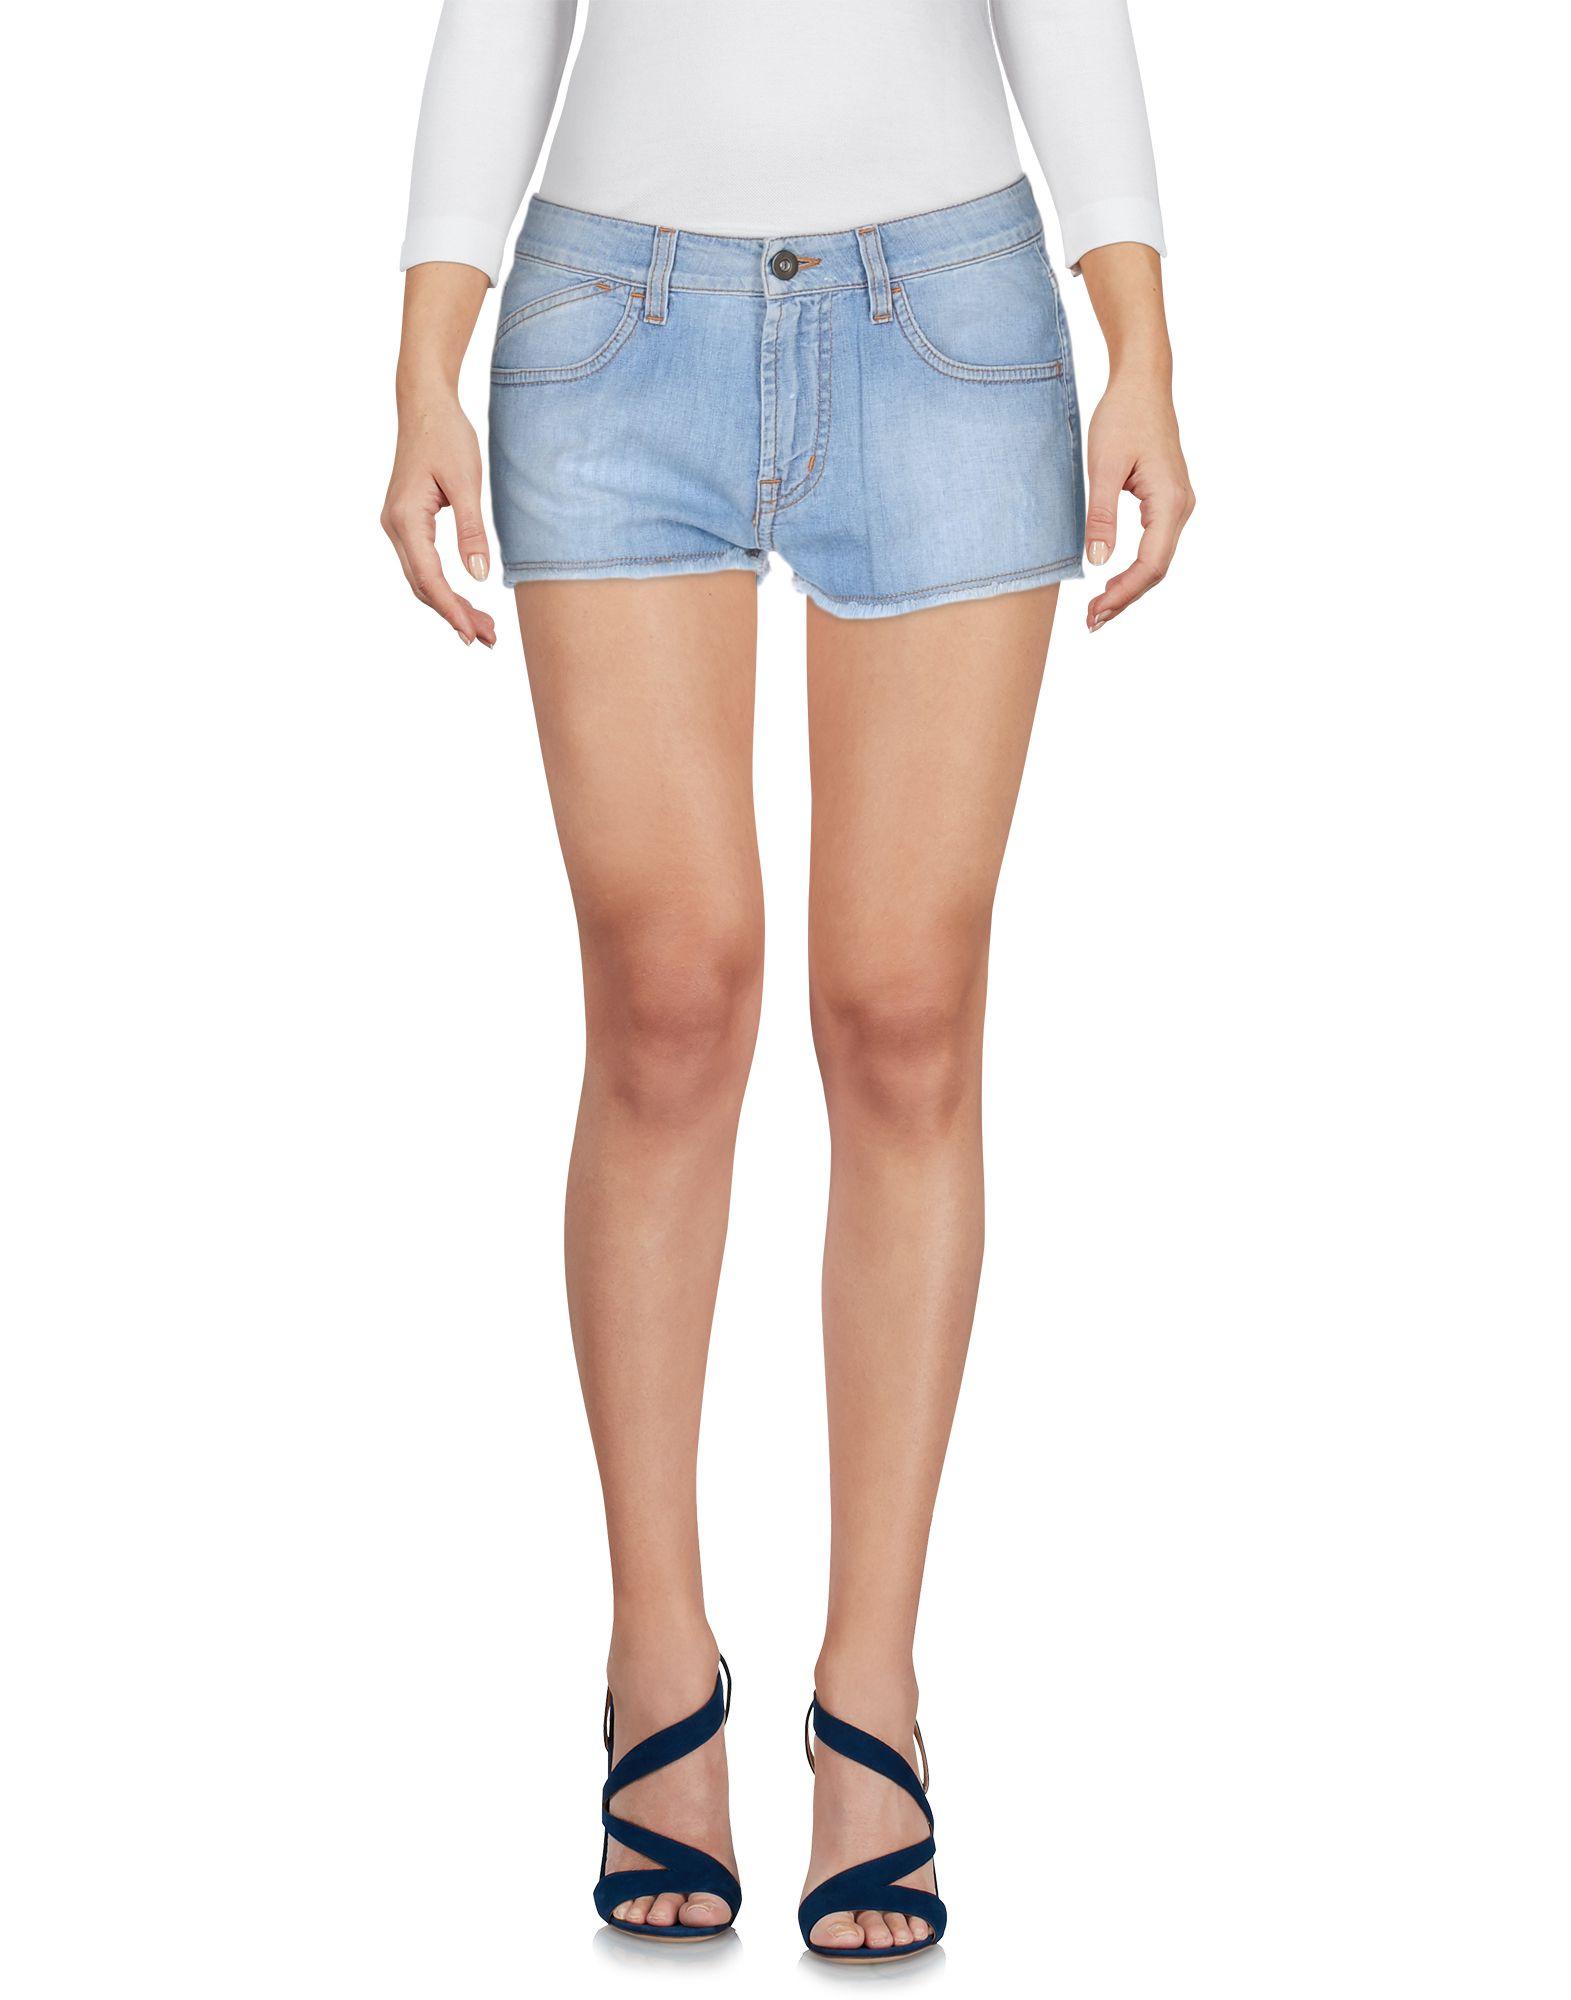 цены на GOLD CASE Джинсовые шорты в интернет-магазинах